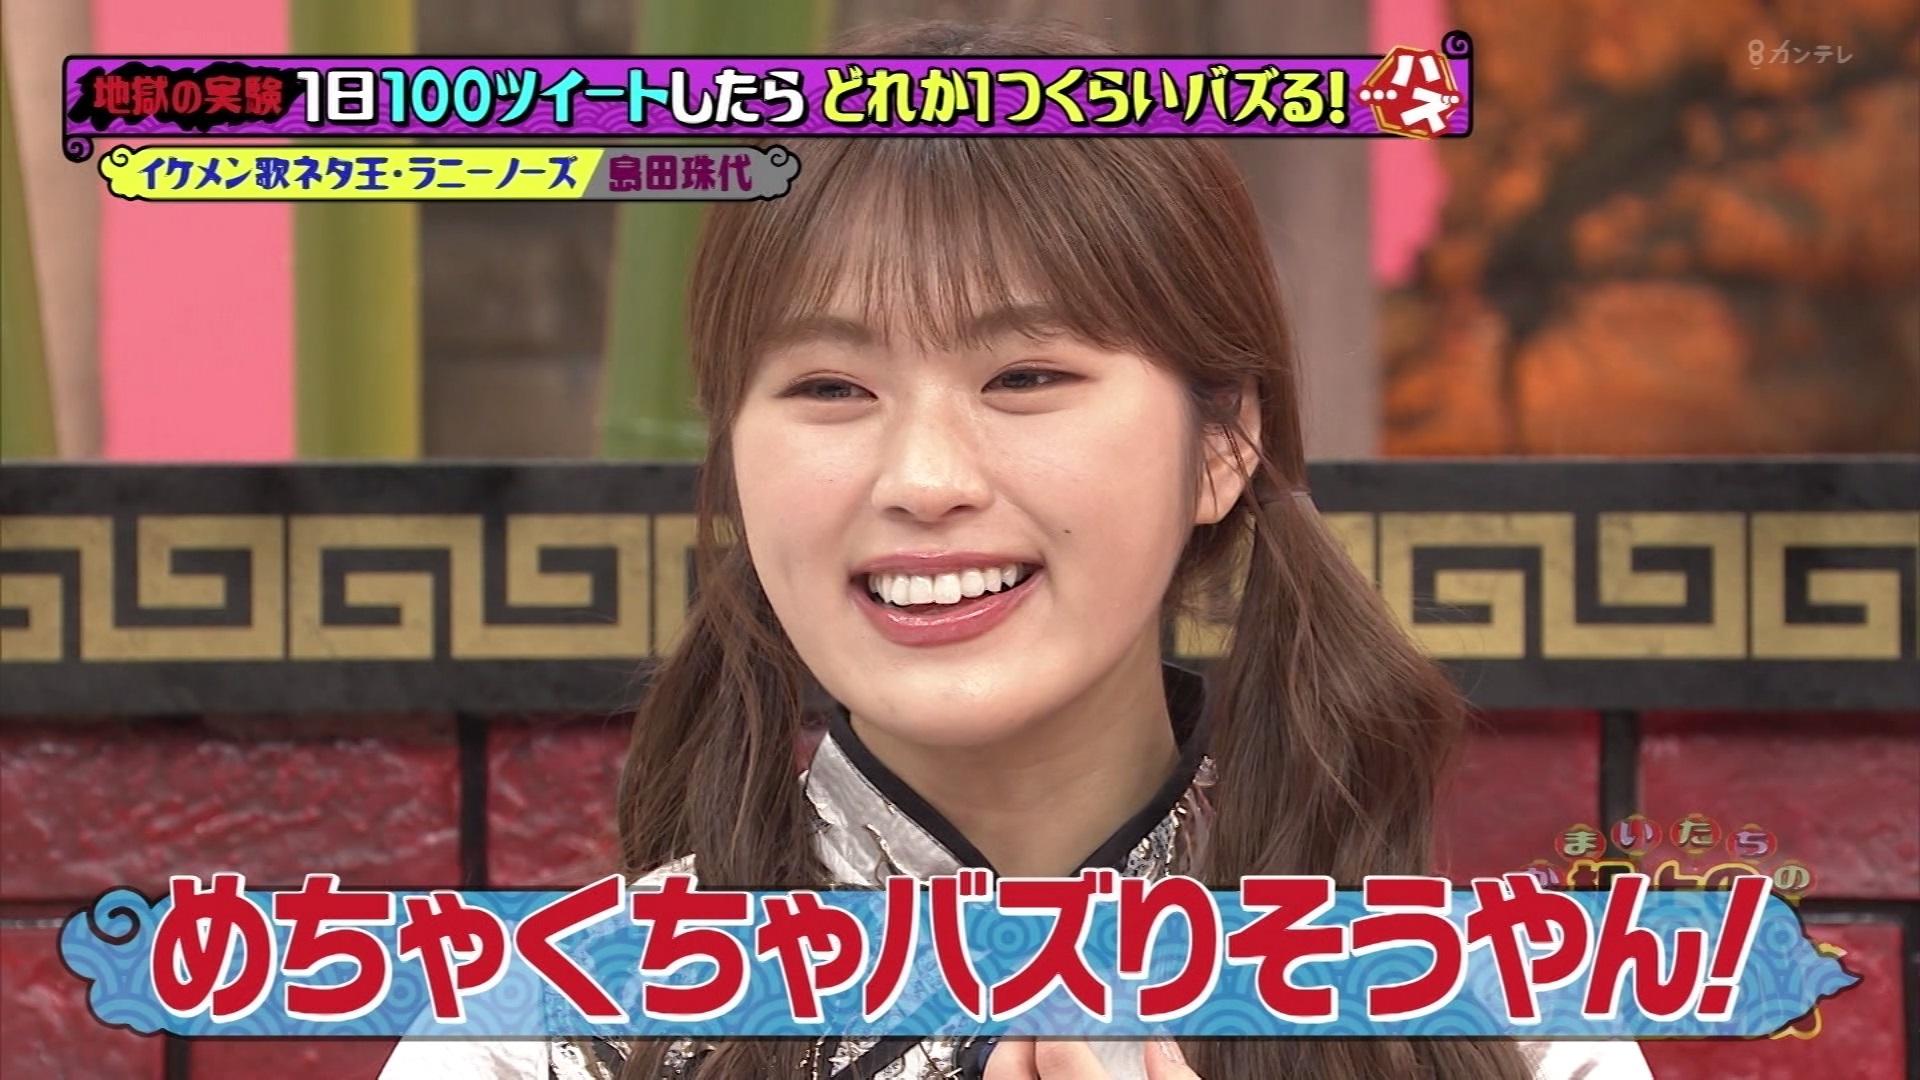 【渋谷凪咲】7月31日に放送された「かまいたちの机上の空論城」♯17の画像